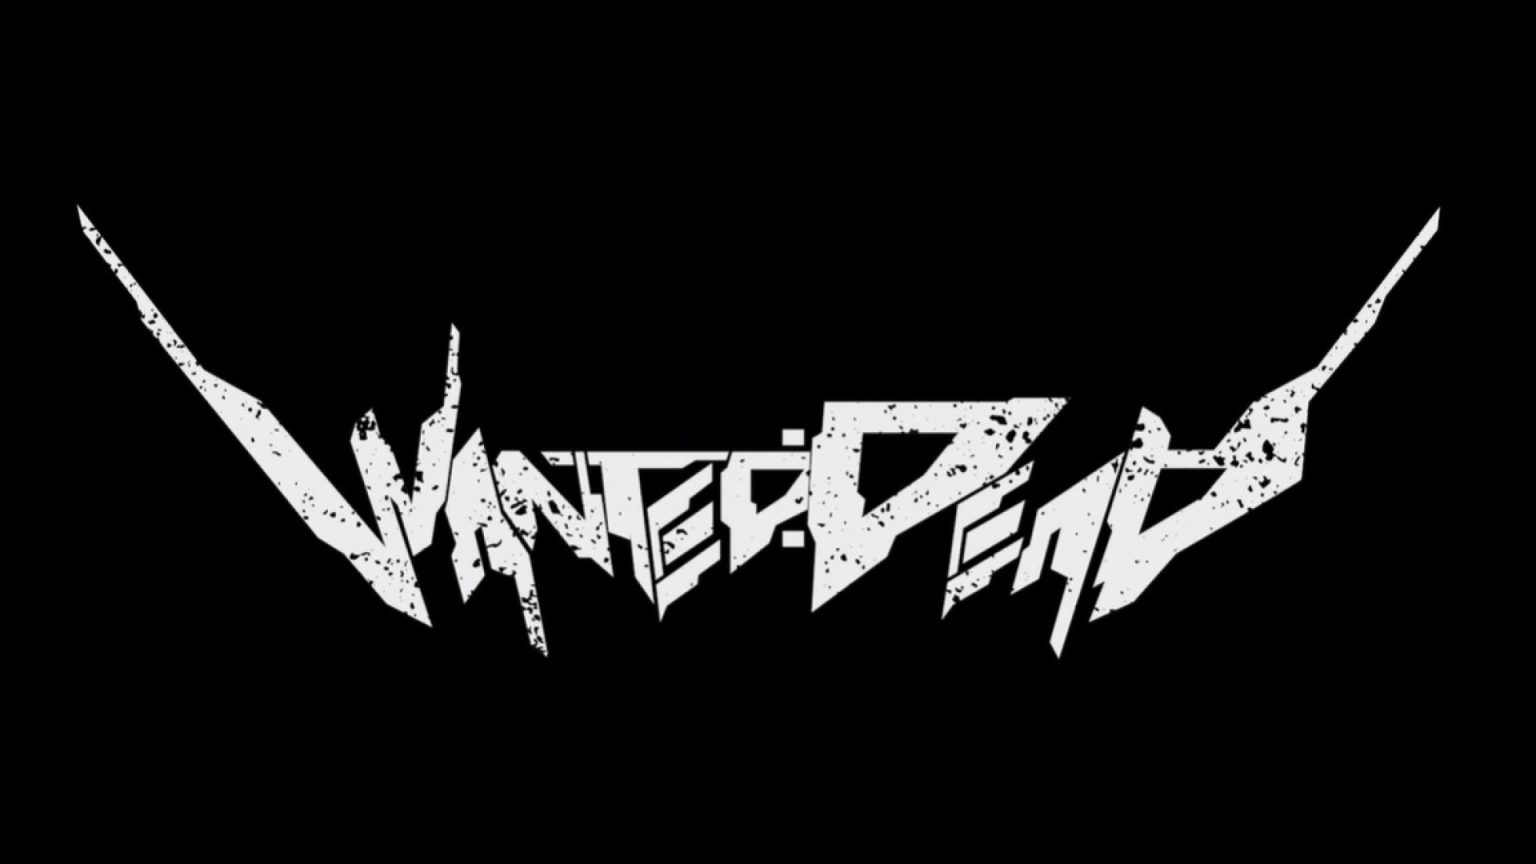 Wanted: Dead es un juego que mezcla disparos y batallas con espadas